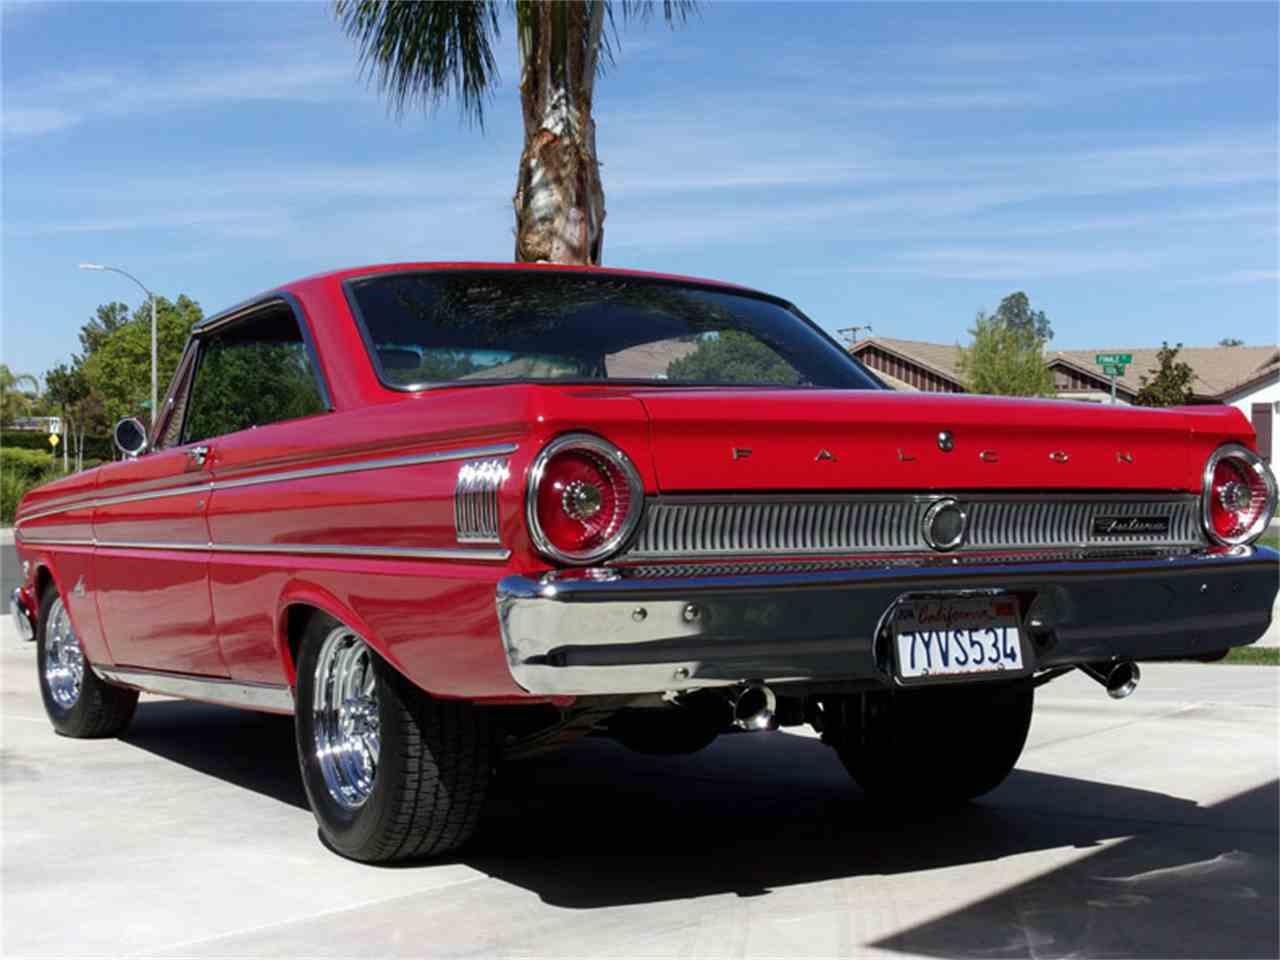 Trucks Under 5000 >> 1964 Ford Falcon Futura for Sale | ClassicCars.com | CC-1032336